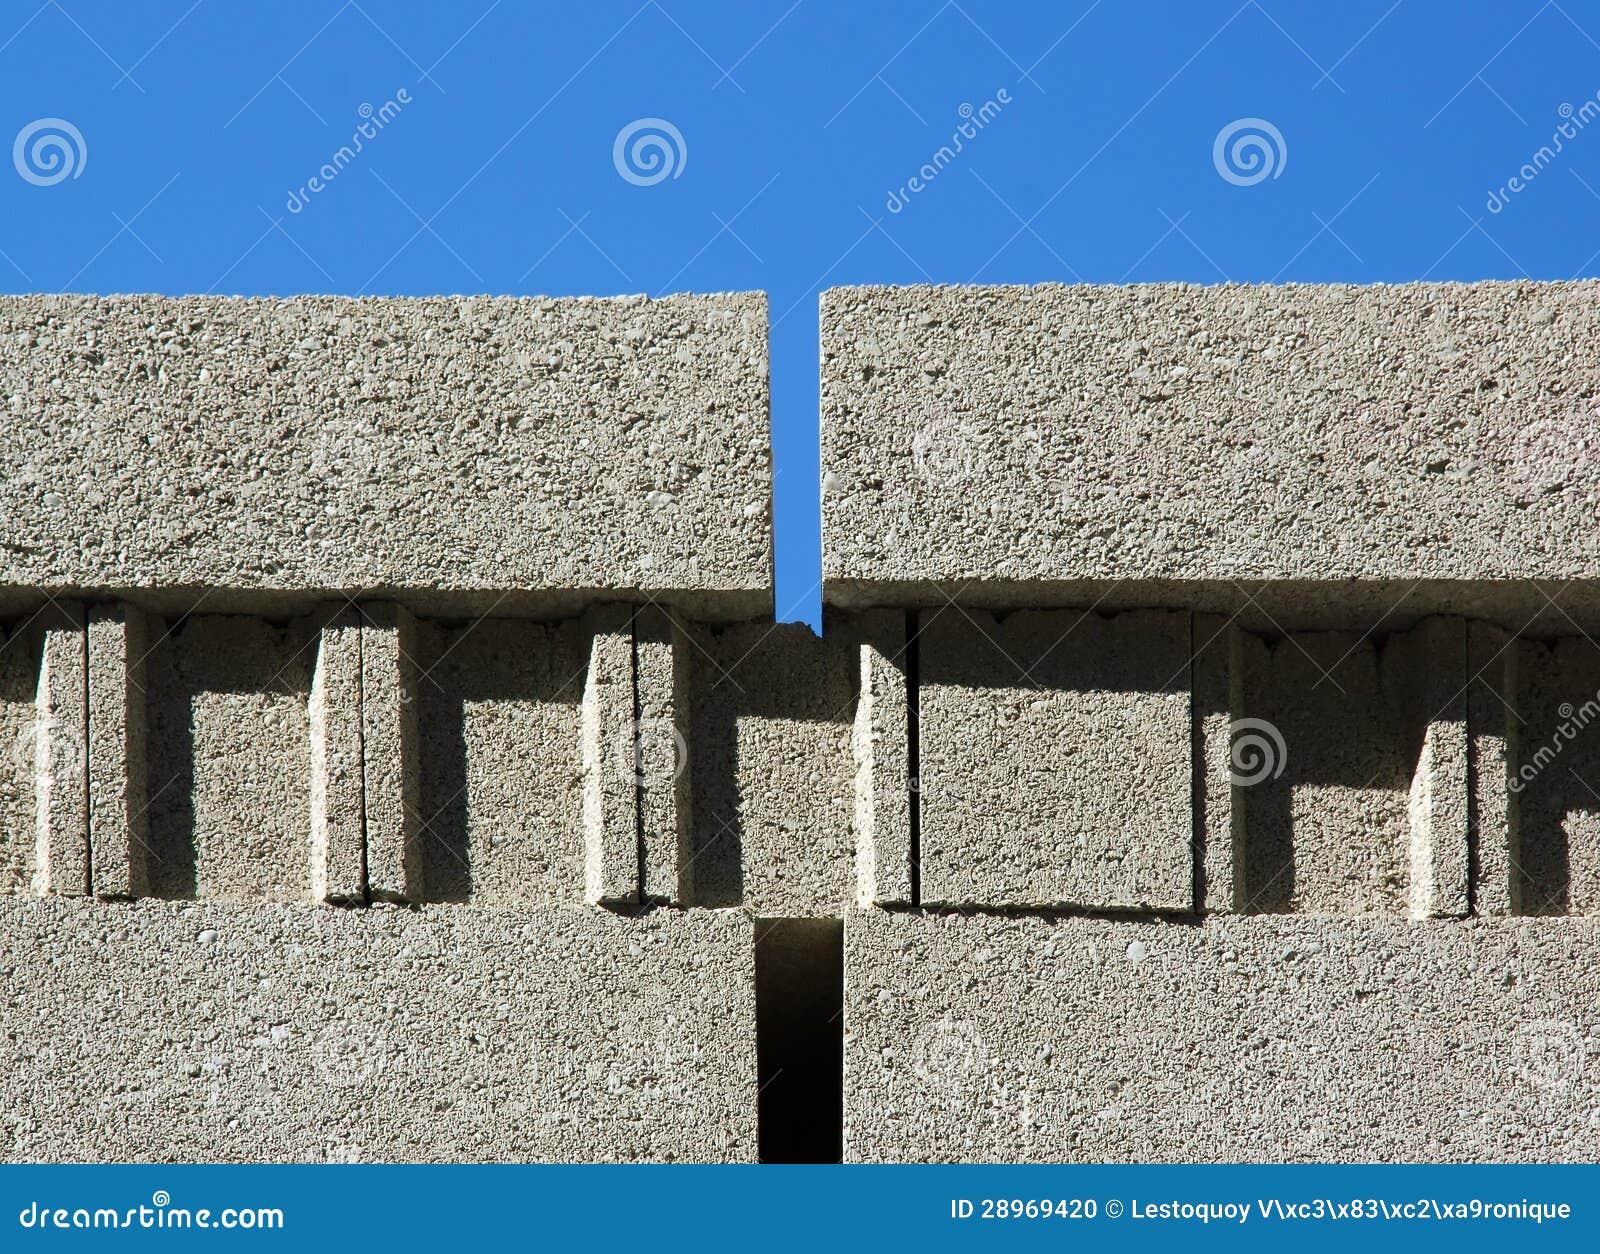 Betonowy sięgacz